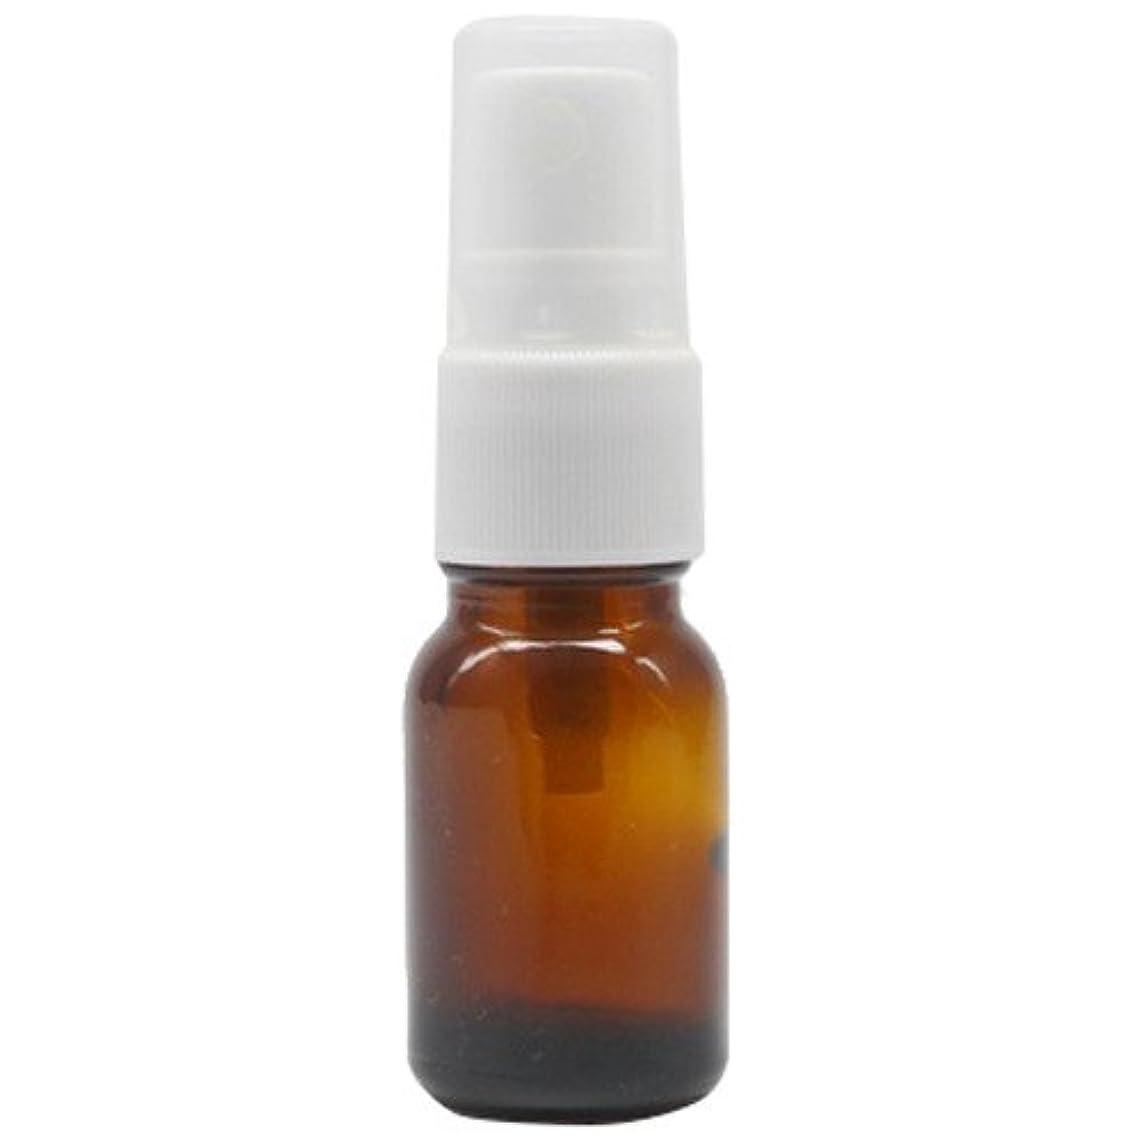 クラスリクルートトランペットアロマアンドライフ (D)茶褐色スプレー瓶10ml 3本セット